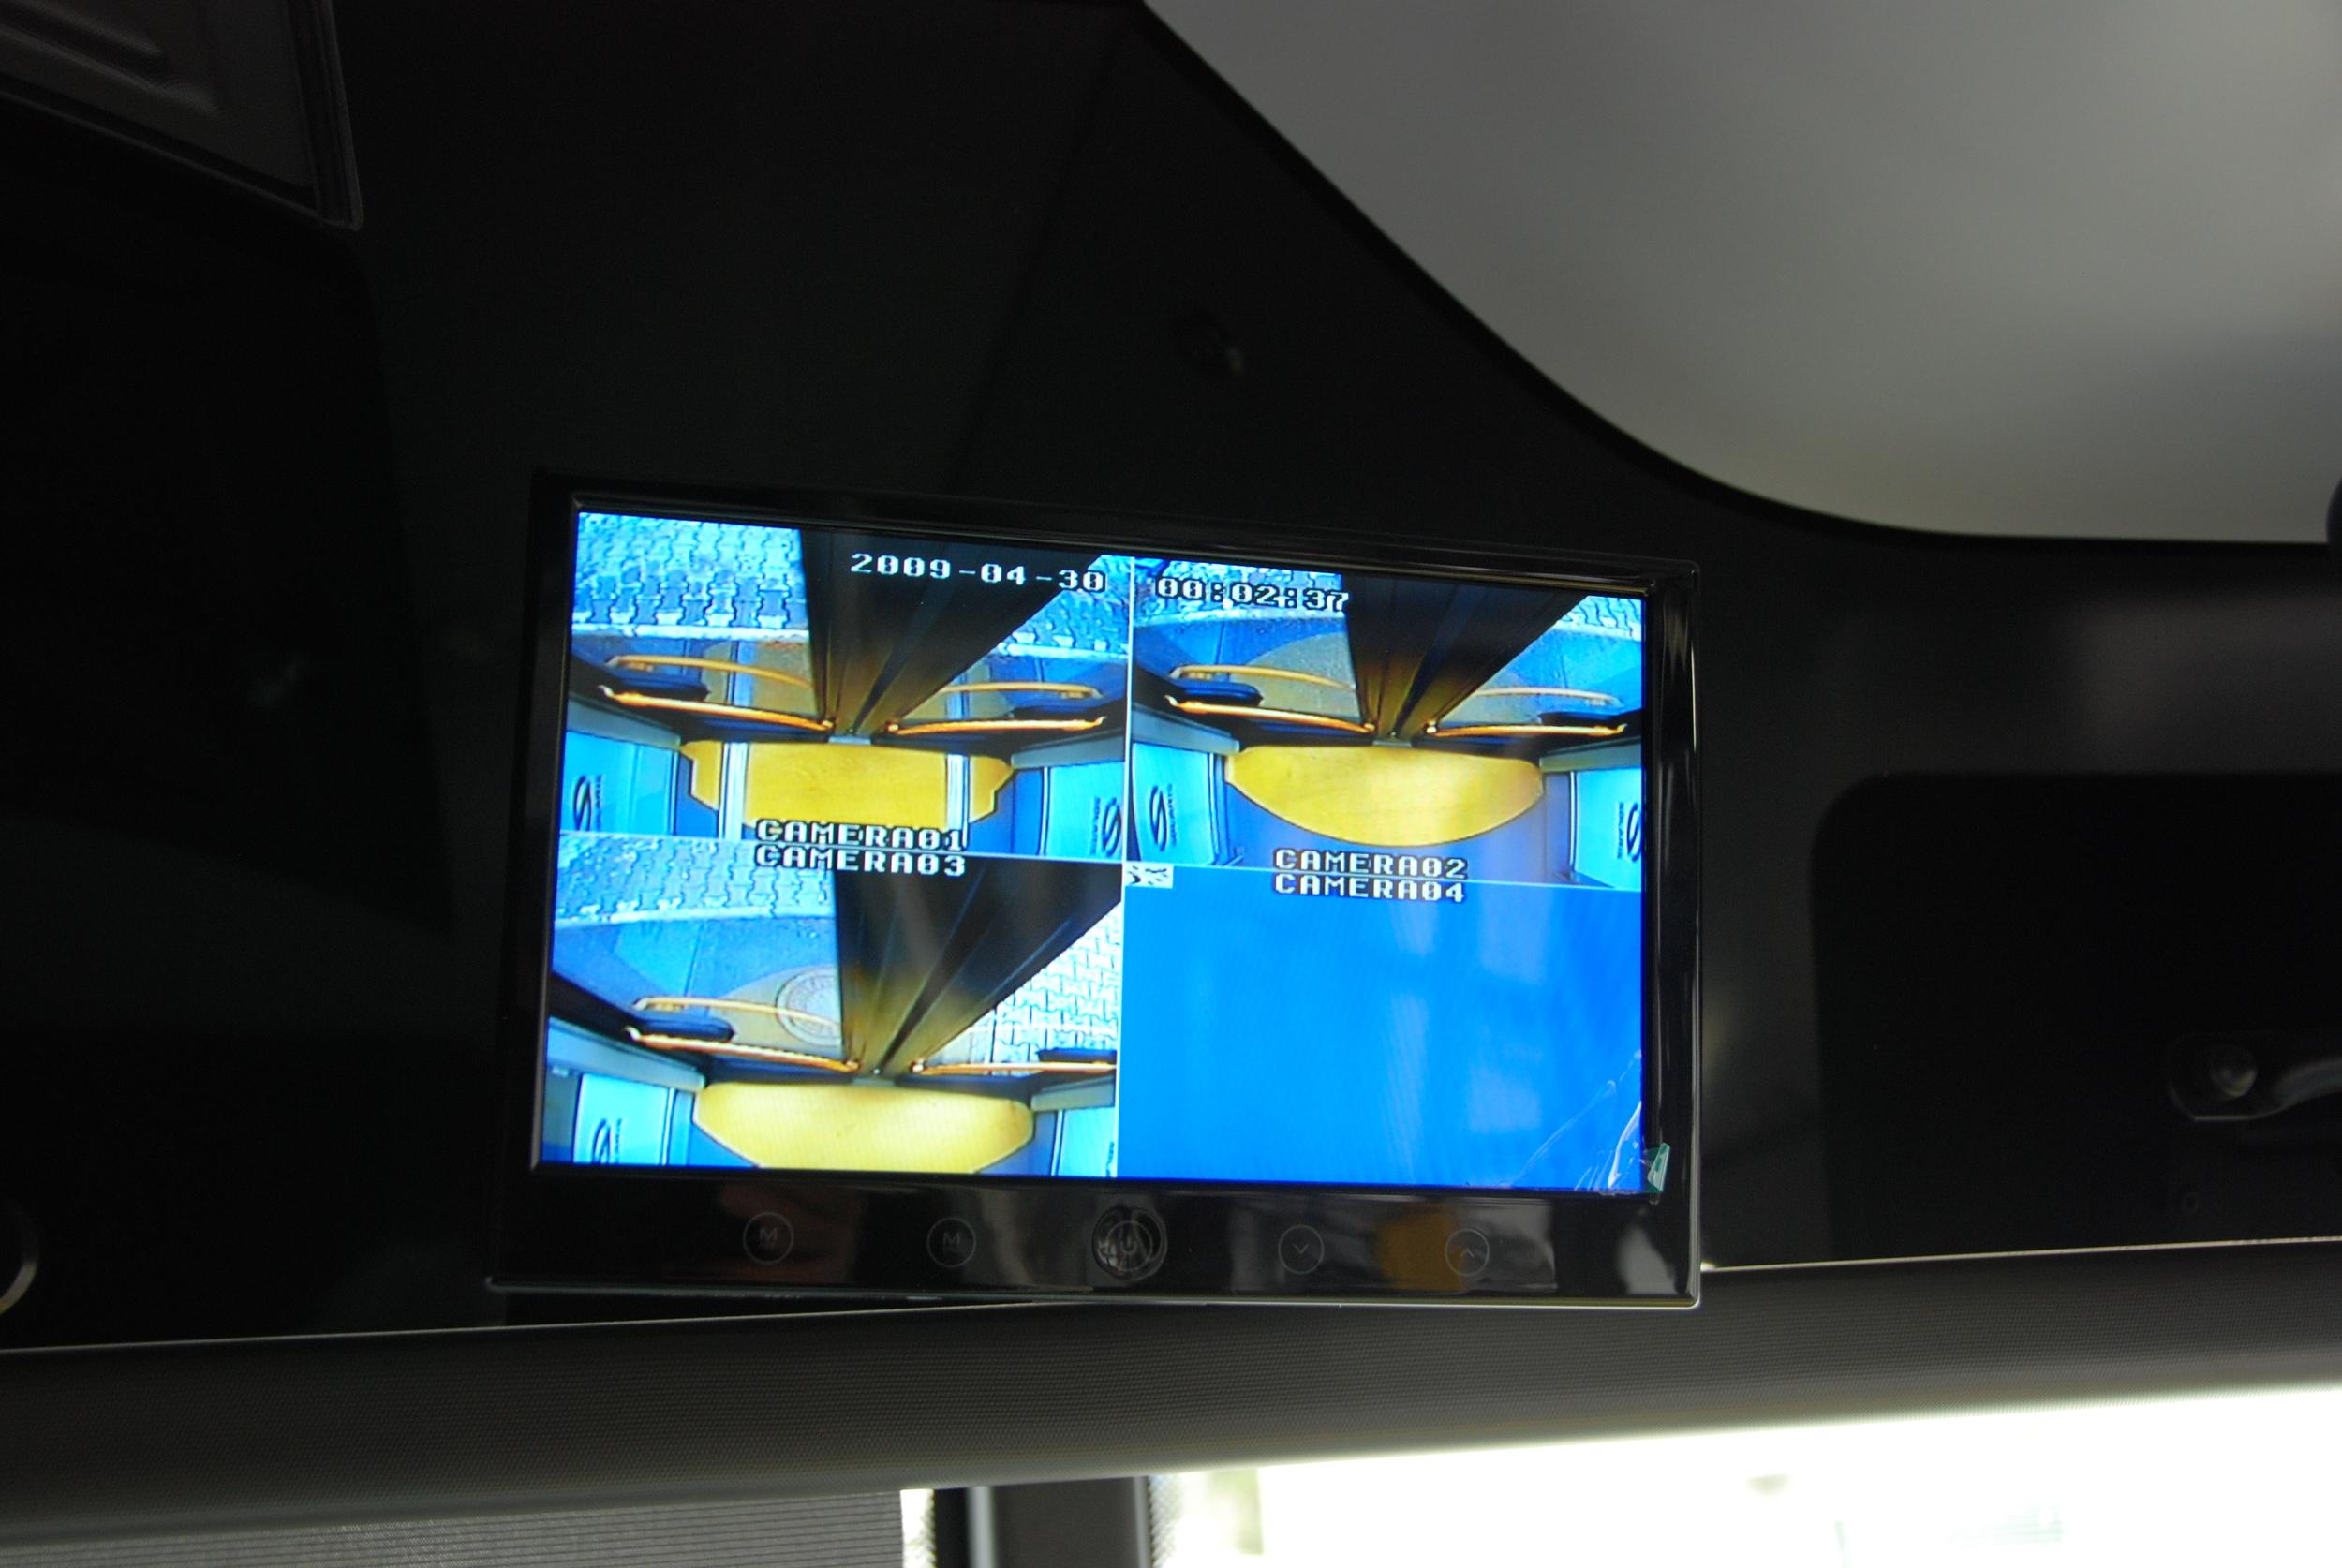 Pohled na displej přenášející obraz z kamerového systému. (foto: Libor Hinčica)